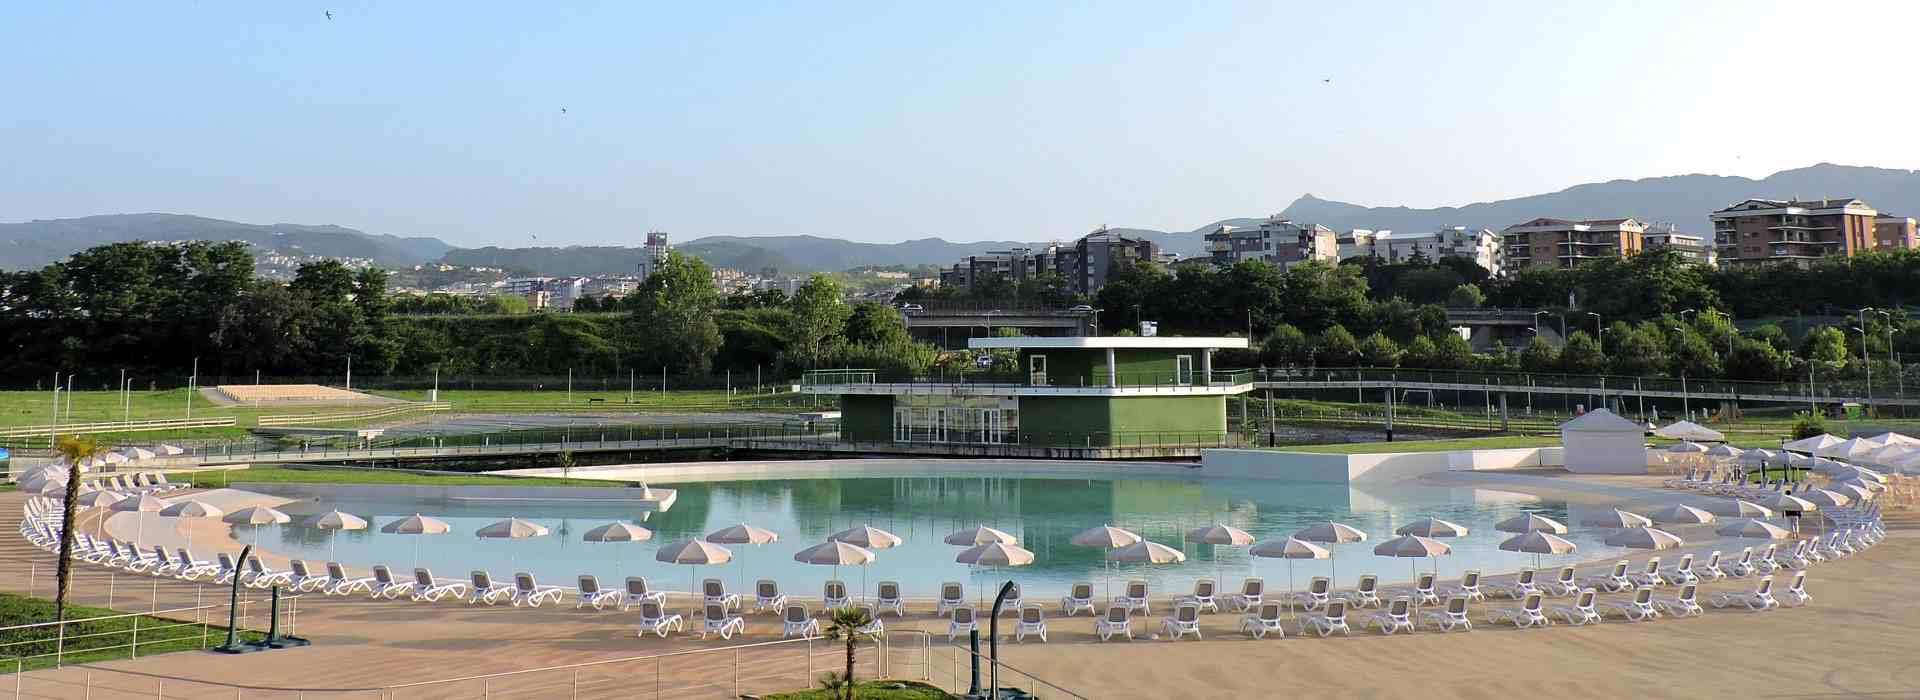 Parco Acquatico di Rende: bollette non pagate e dipendenti disperati. Il Comune non sapeva (ovviamente). Minacce a giornalista